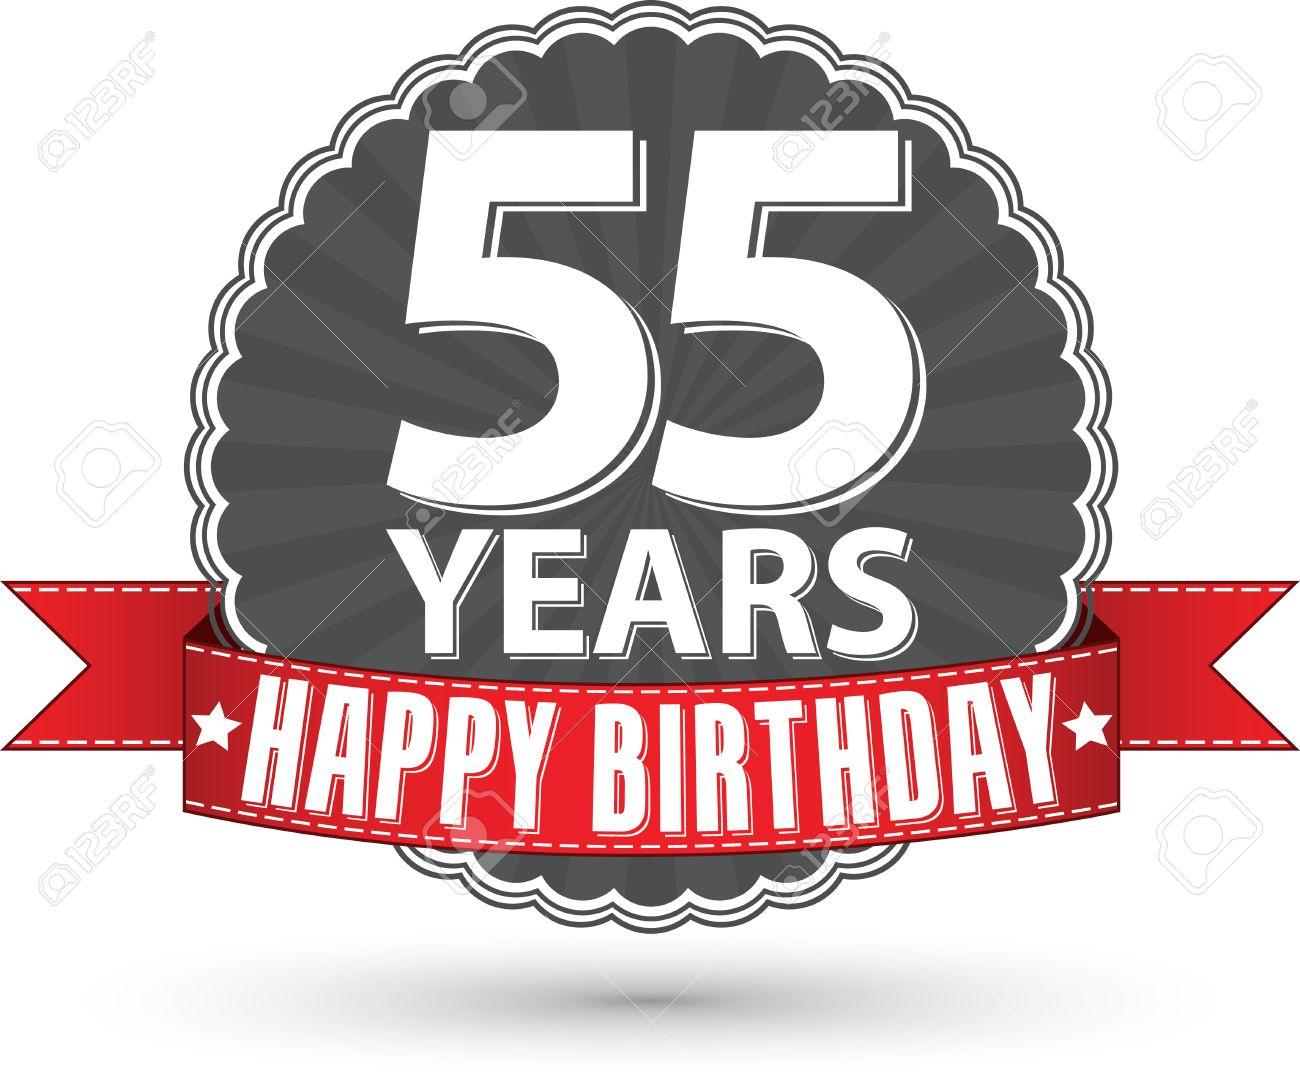 Auguri Buon Compleanno 55 Anni.Buon Compleanno 55 Anni Etichetta Retro Con Nastro Rosso